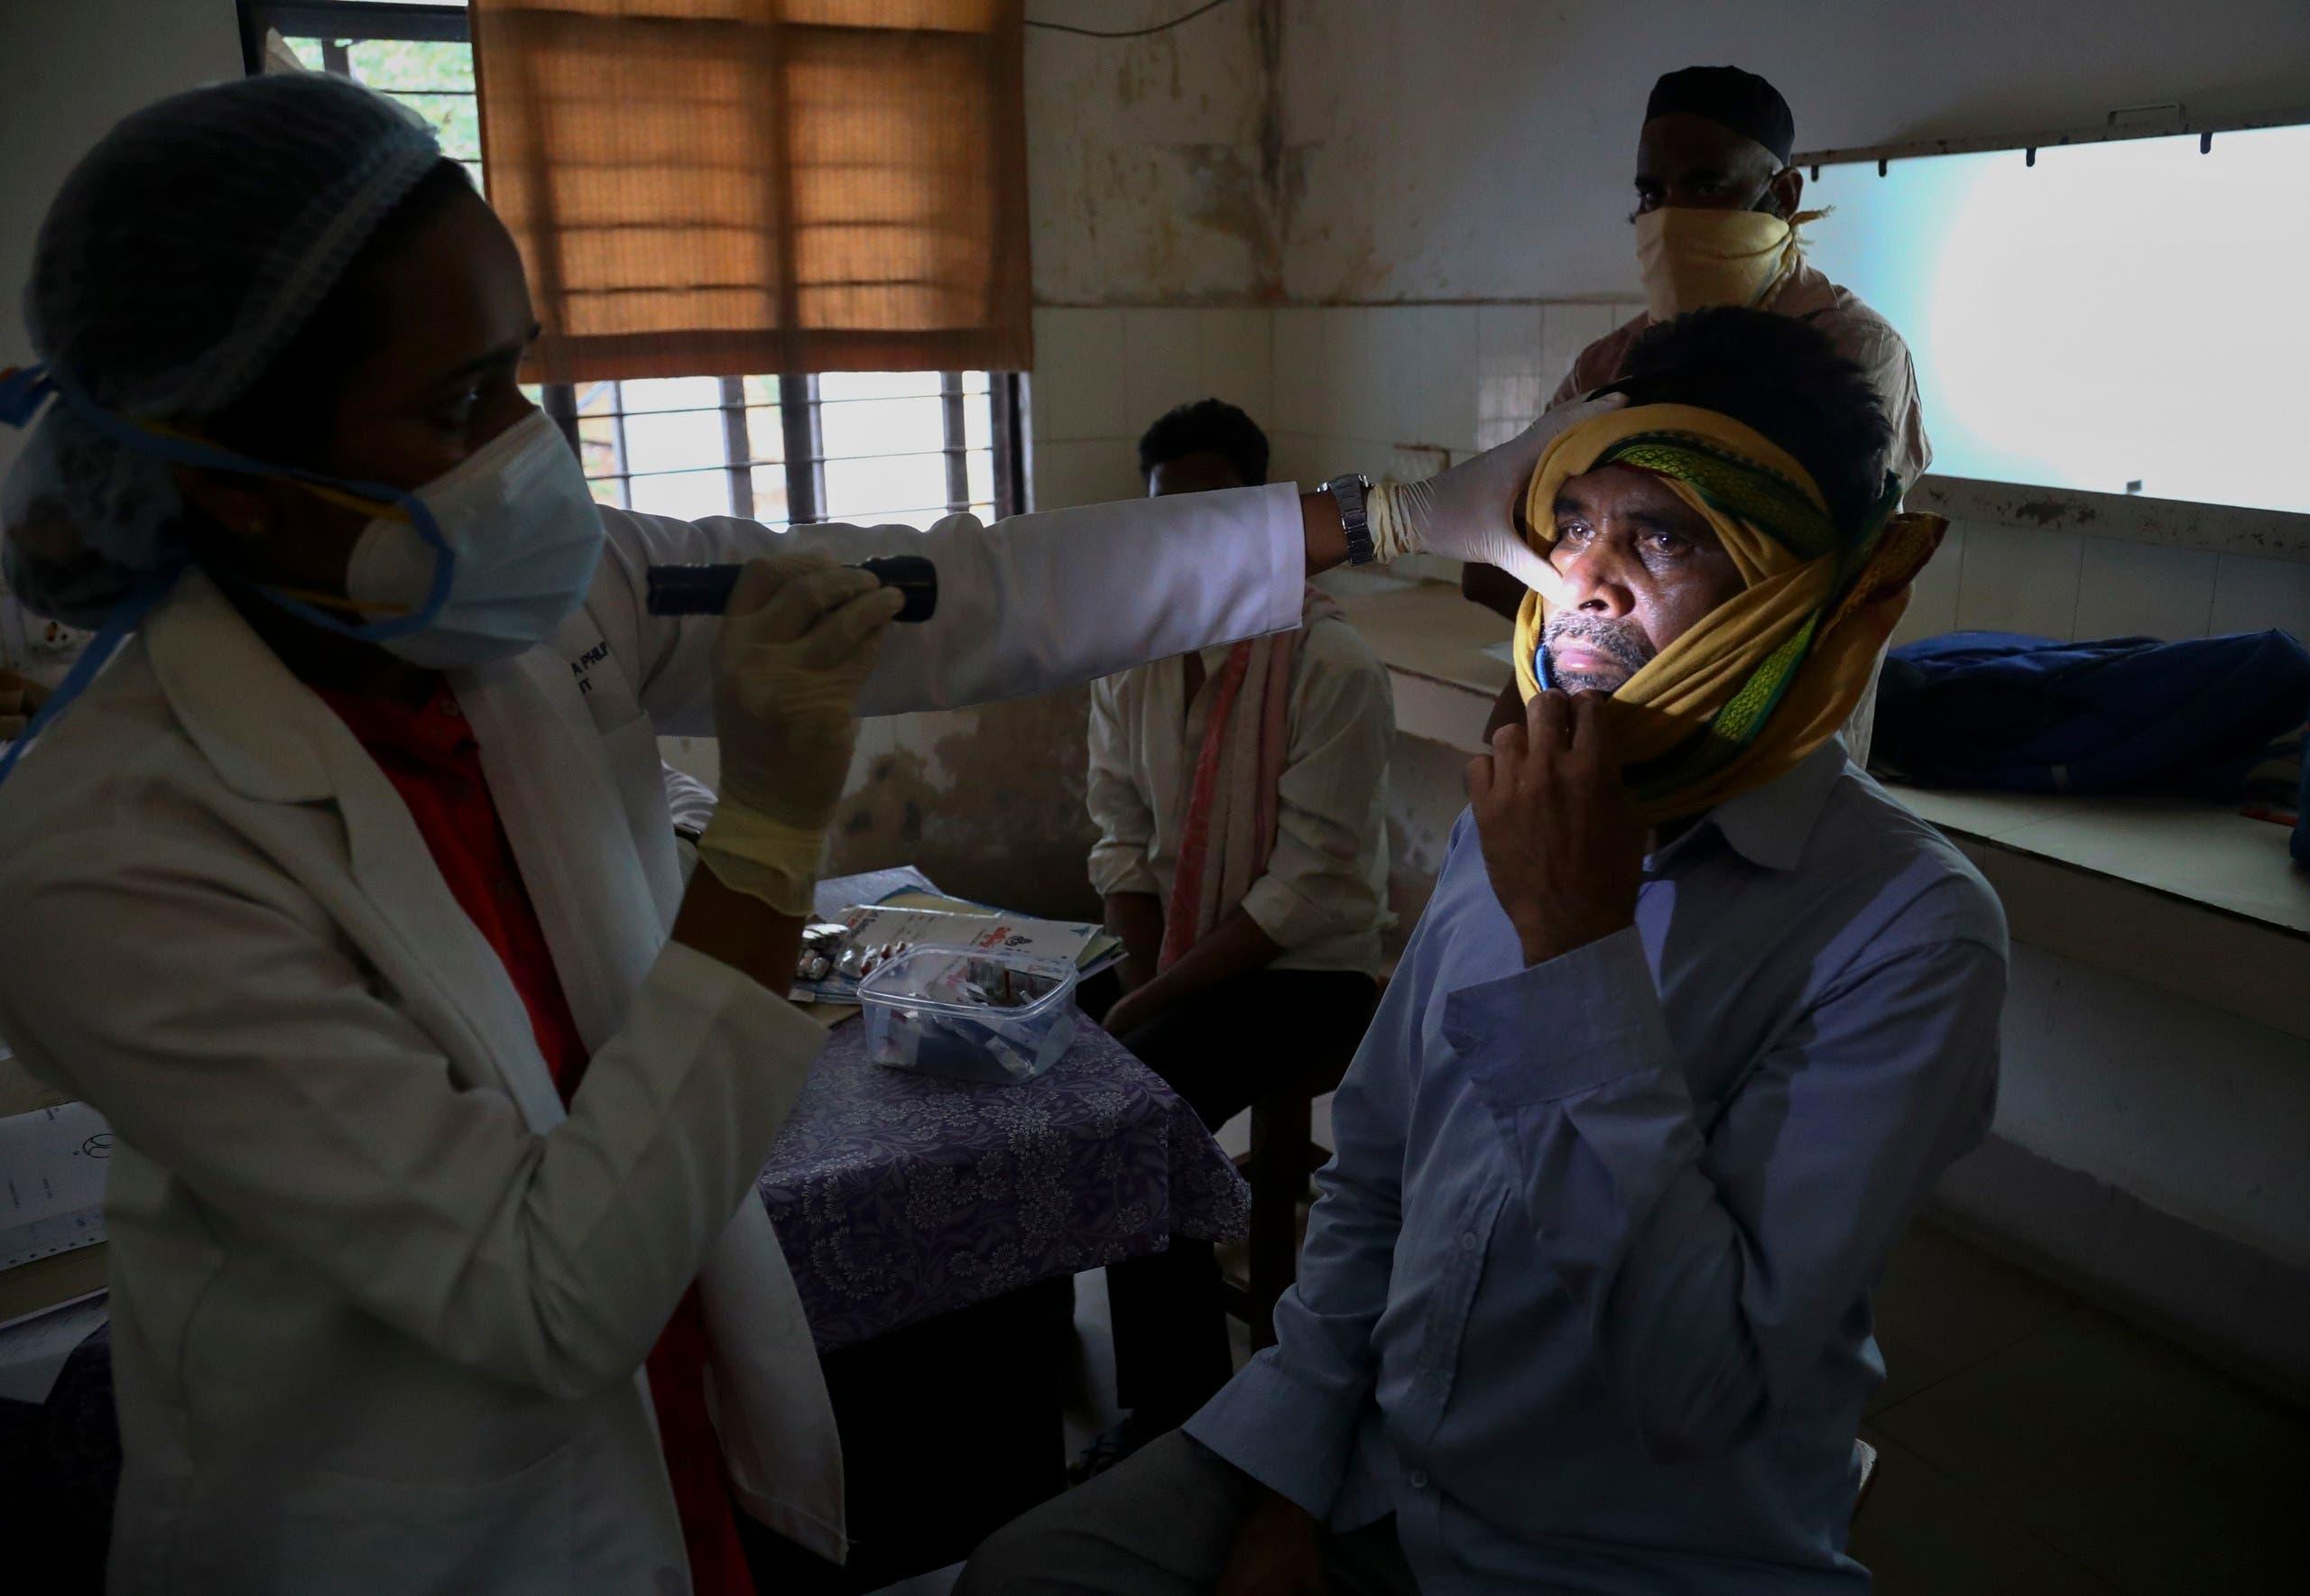 طبيبة في مستشفى في حيدر أباد تعاين مريضاً مصاباً بالفطر الأسود